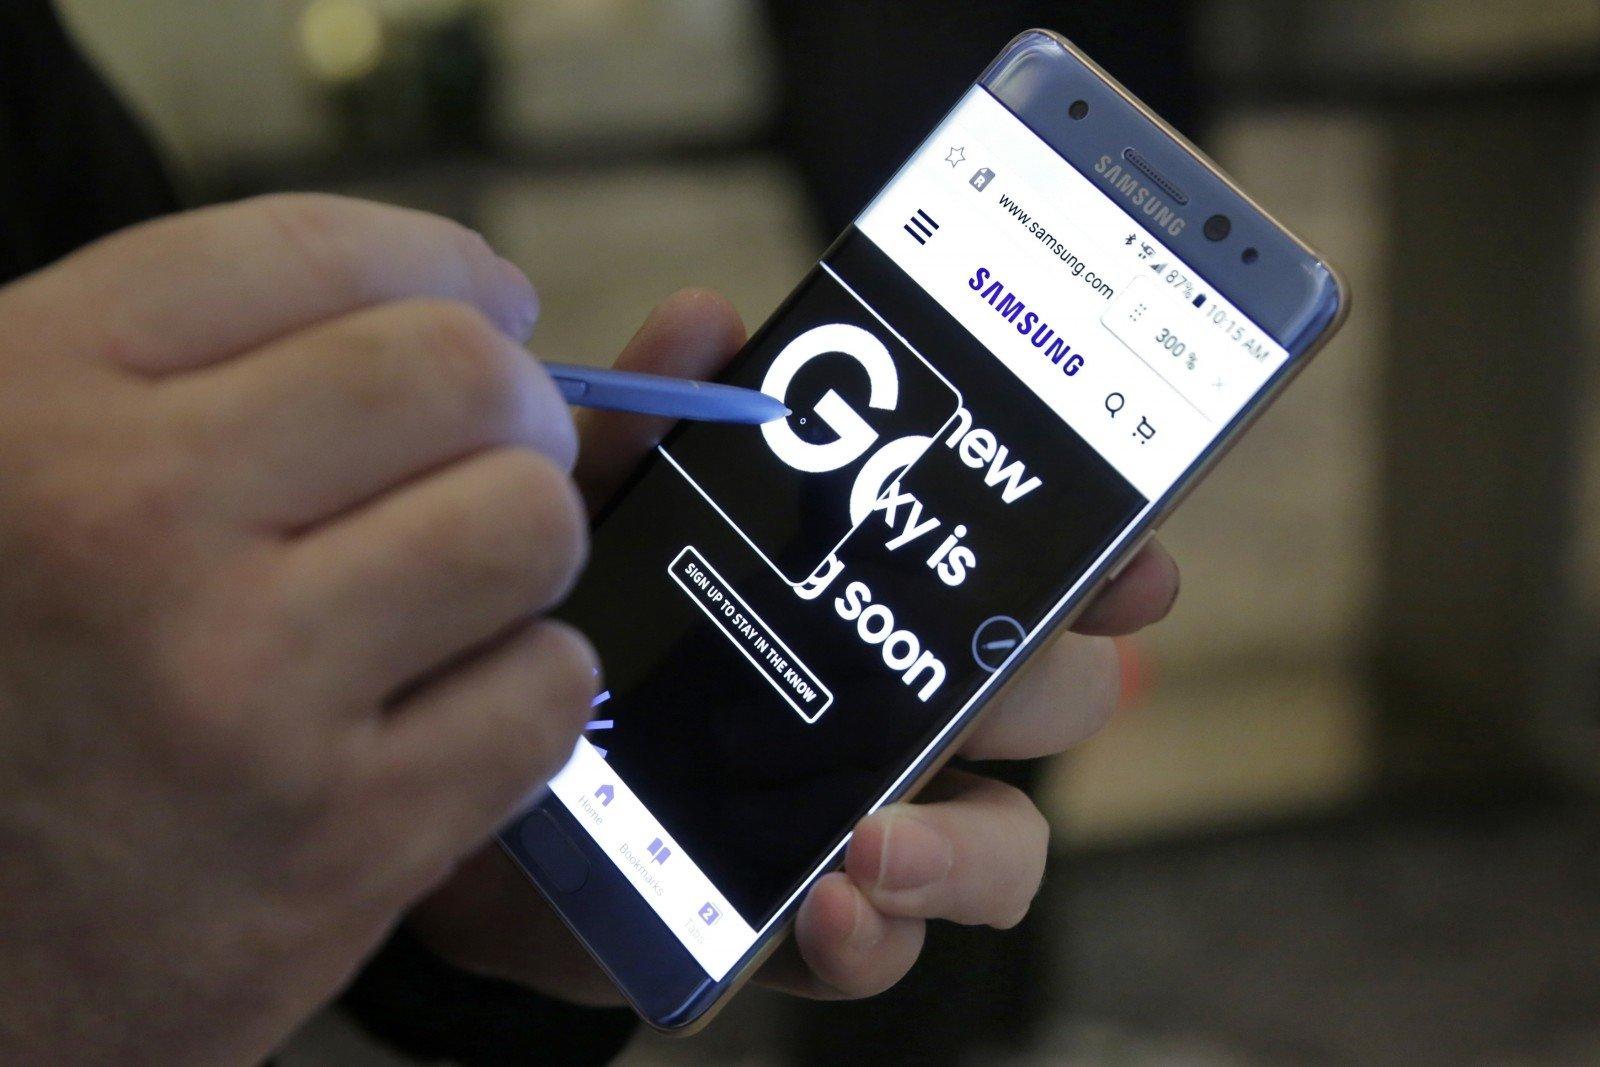 Самсунг показала дешевый смартфон Galaxy J7 Prime